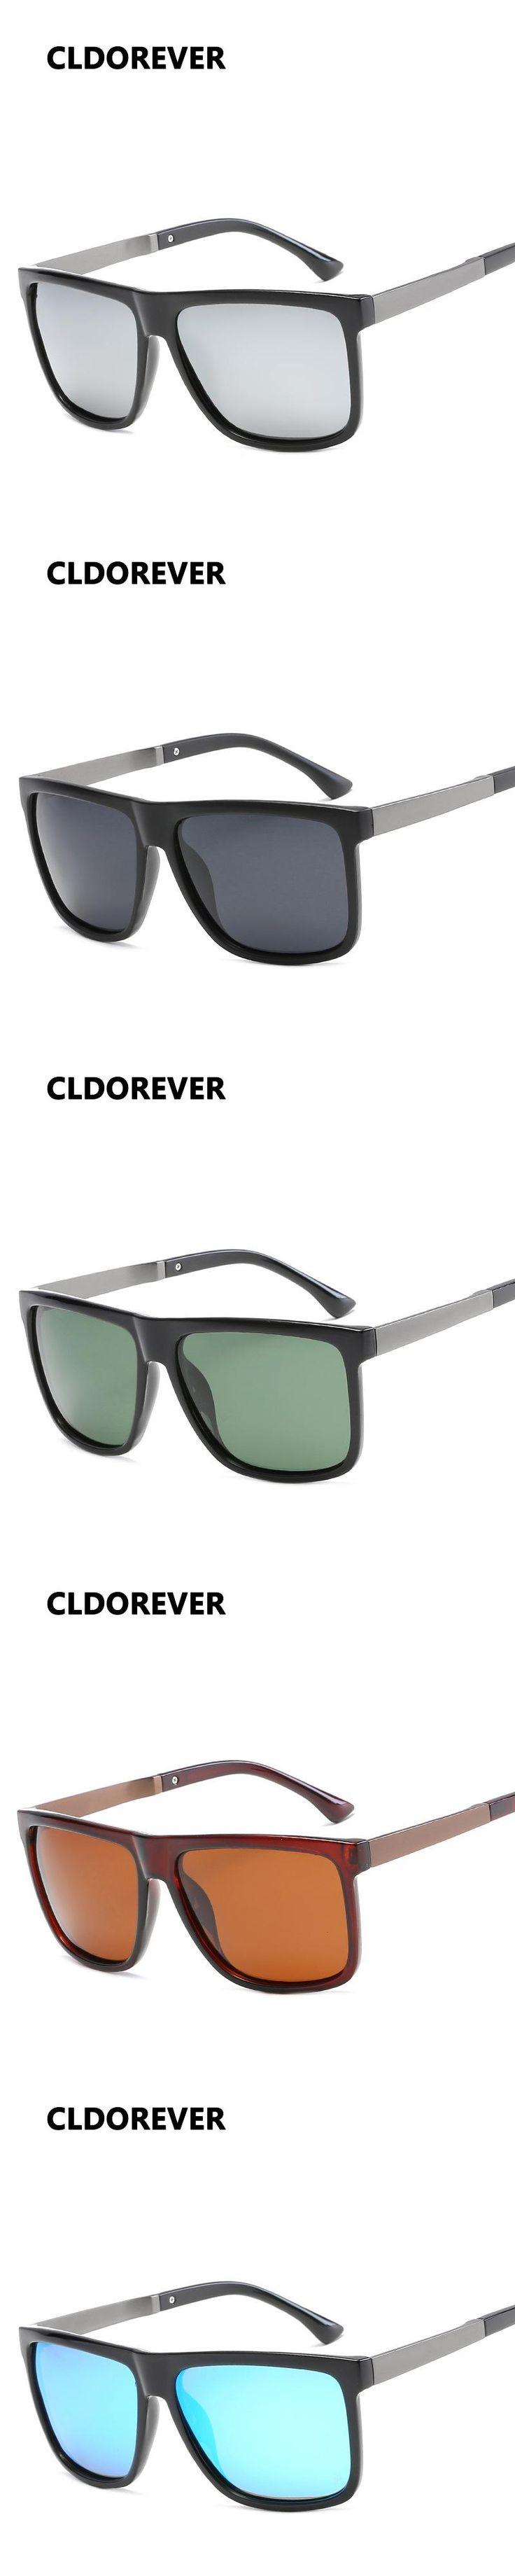 2017 Polarized Sunglasses Men Vintage Square Sunglass Oversized Sports Sun Glasses For Mens Polaroid Goggles Oculos Polarizado